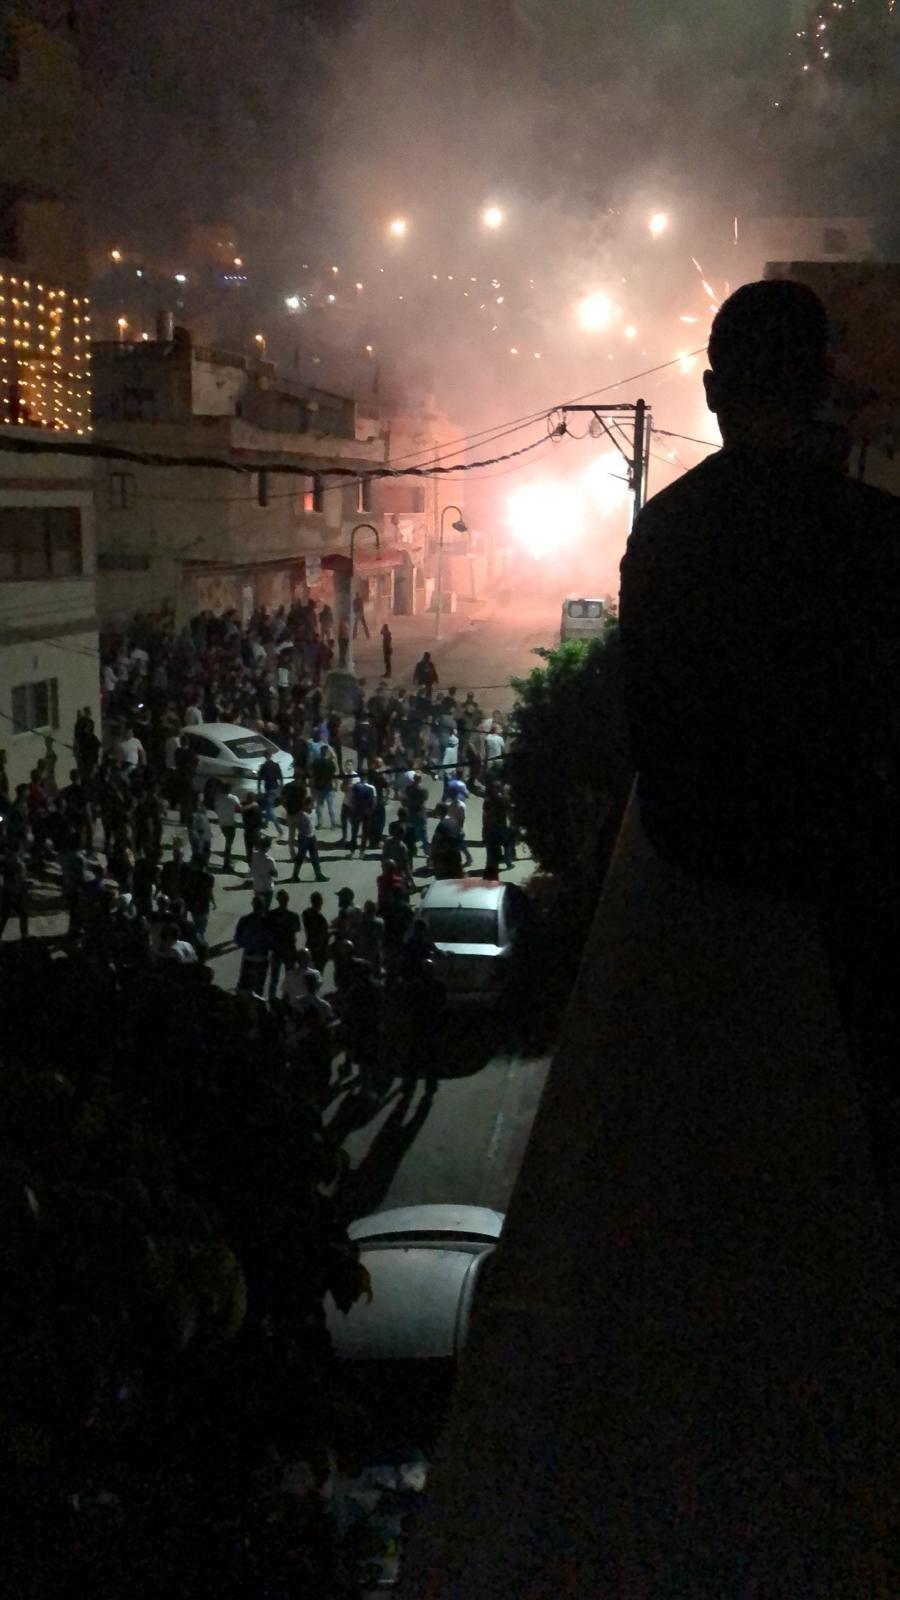 الشرطة: شجار كفر مندا بالأمس شارك فيه المئات .. واعتقلنا 16 مشتبهًا